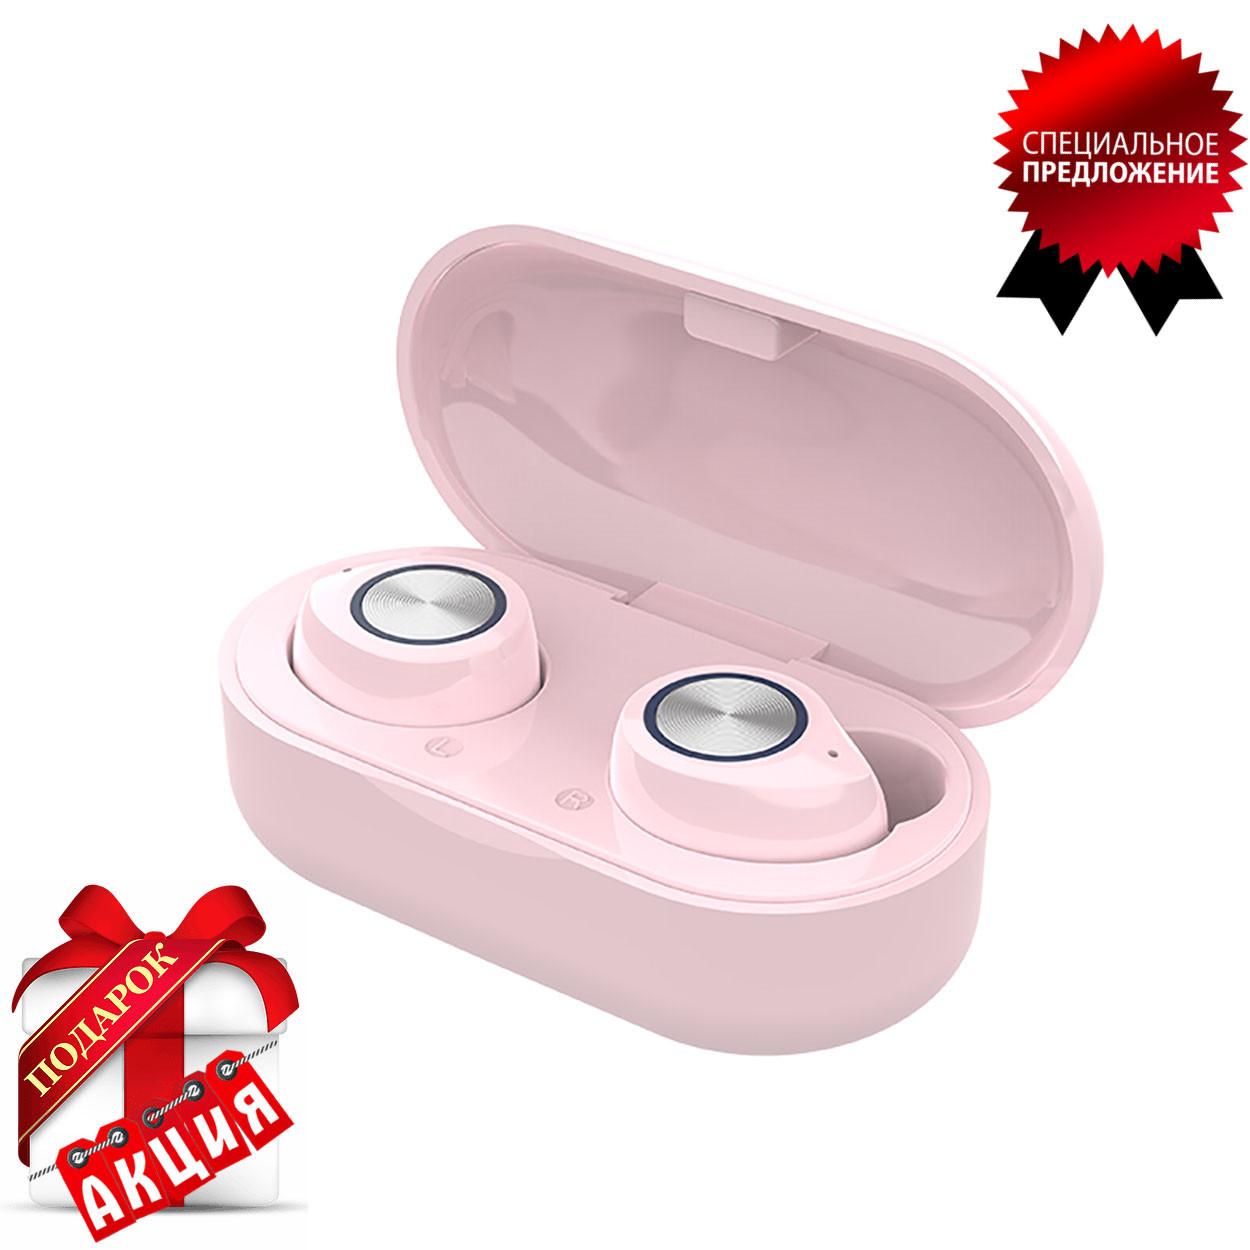 Беспроводные наушники блютуз гарнитура Bluetooth наушники 5.0 Wi-pods TW60. Розовые Оригинал